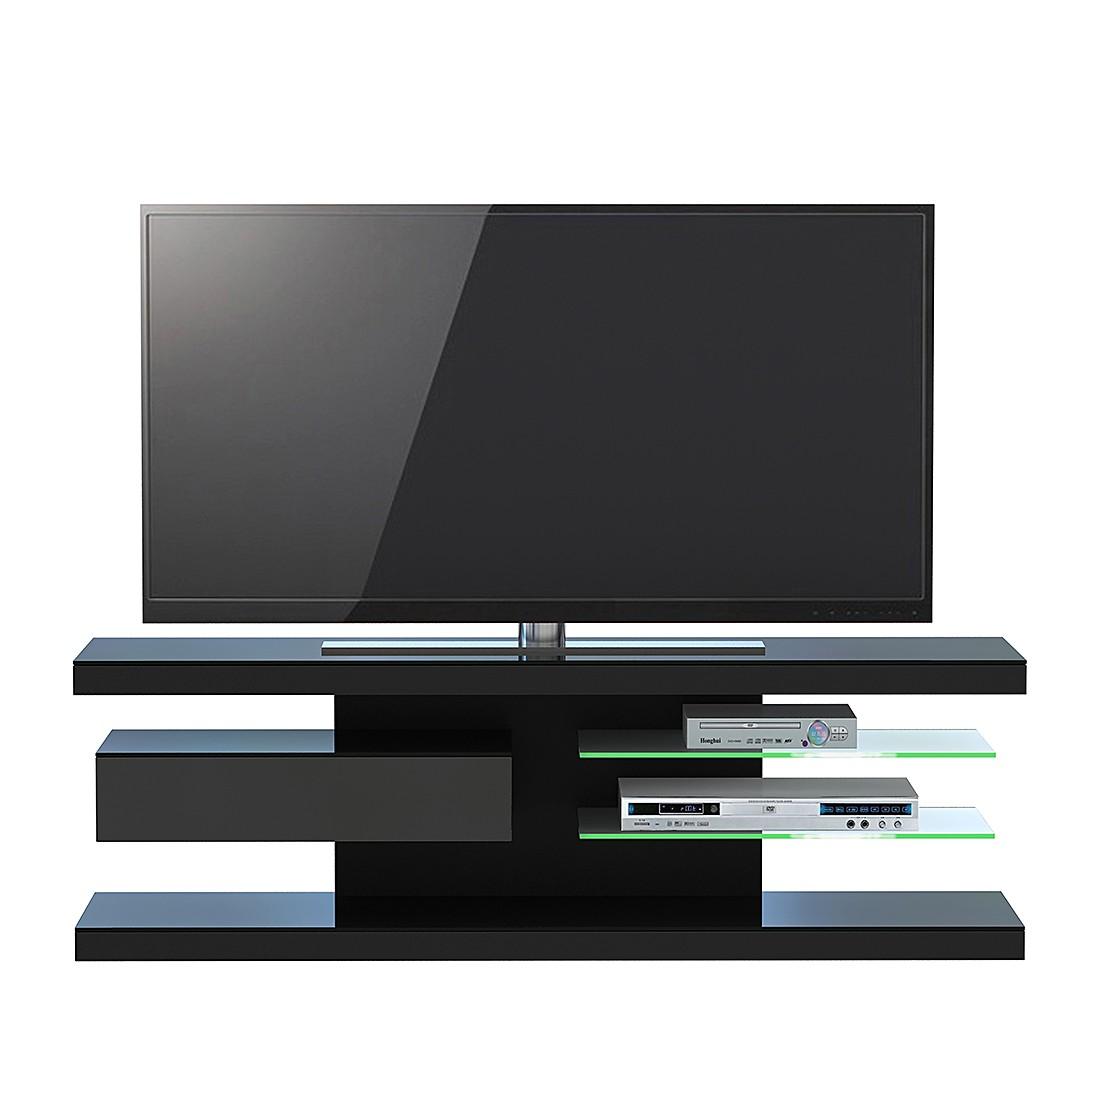 Meuble TV SL 660 - Avec éclairage - Noir mat, Jahnke